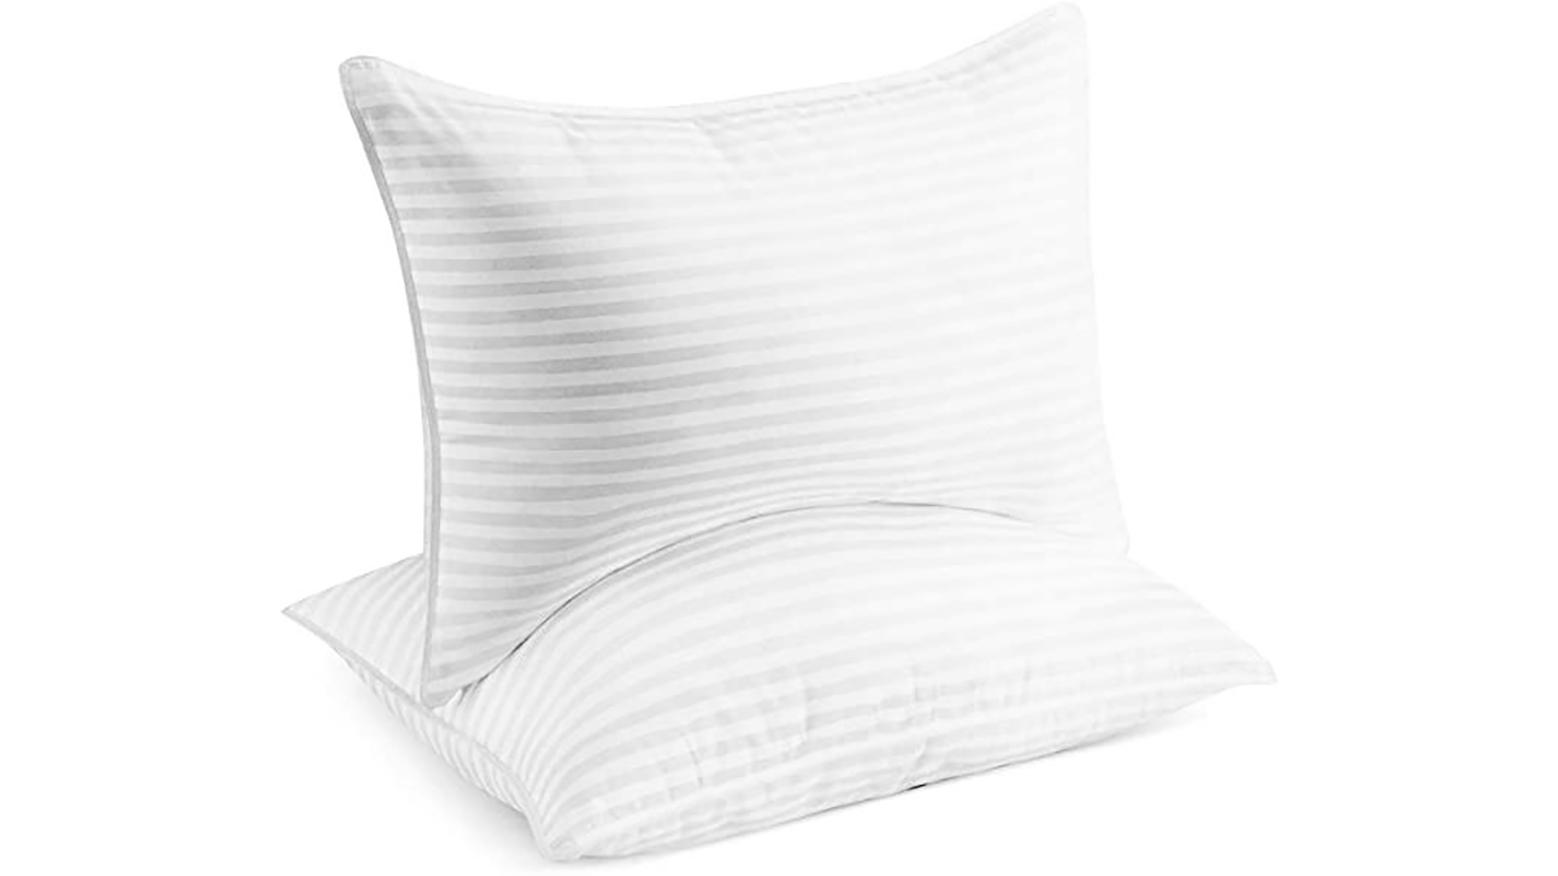 Beckham Hotel Collection Pillows